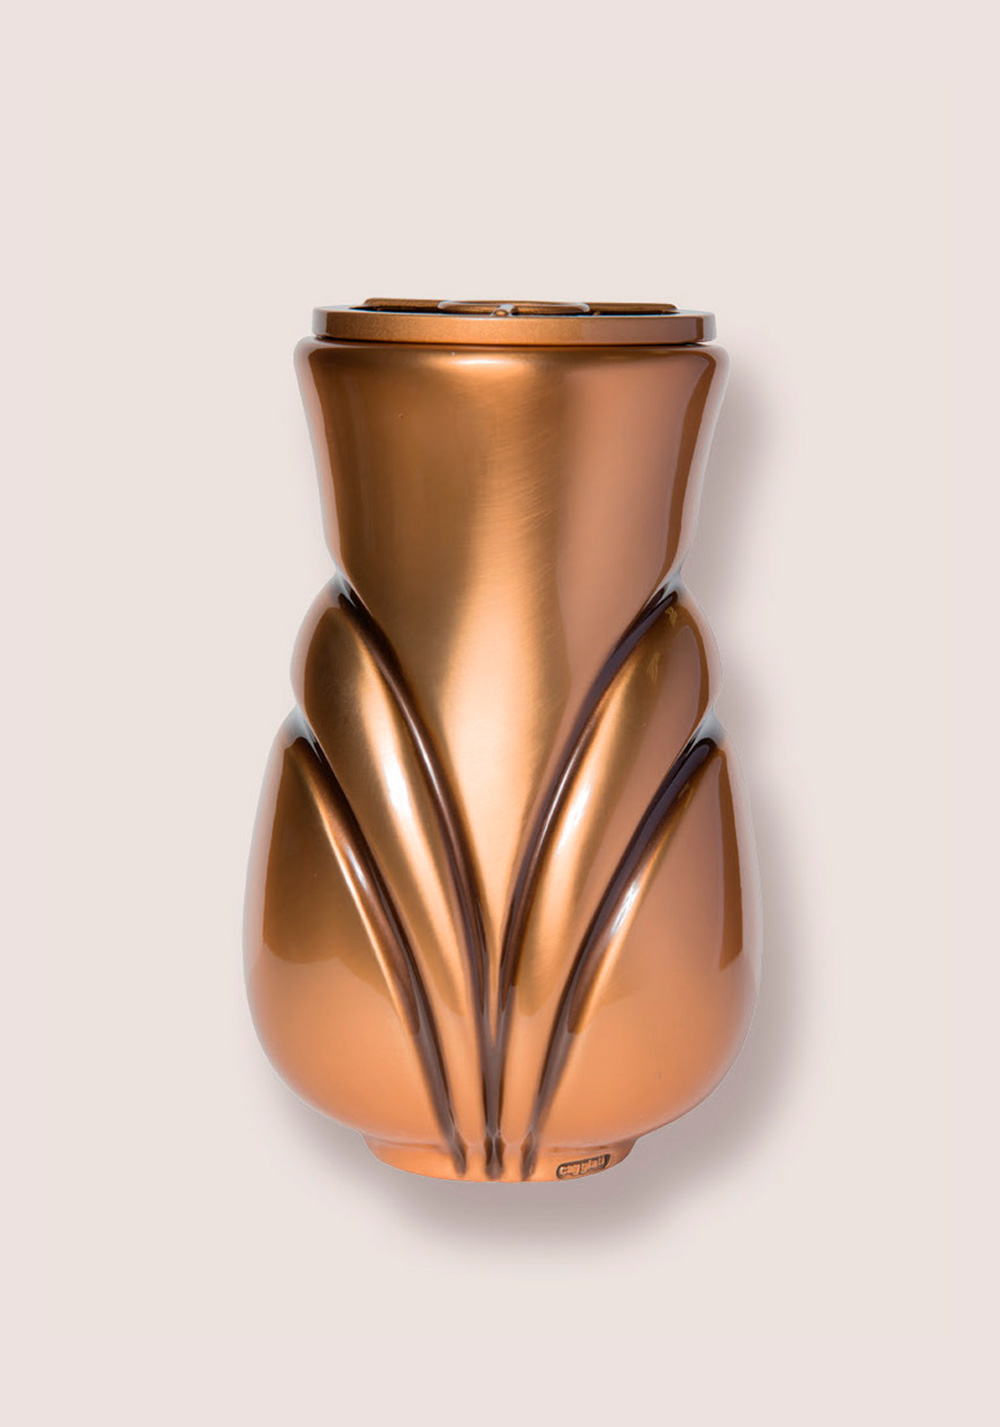 lampada-bronza-cagriatti (3)